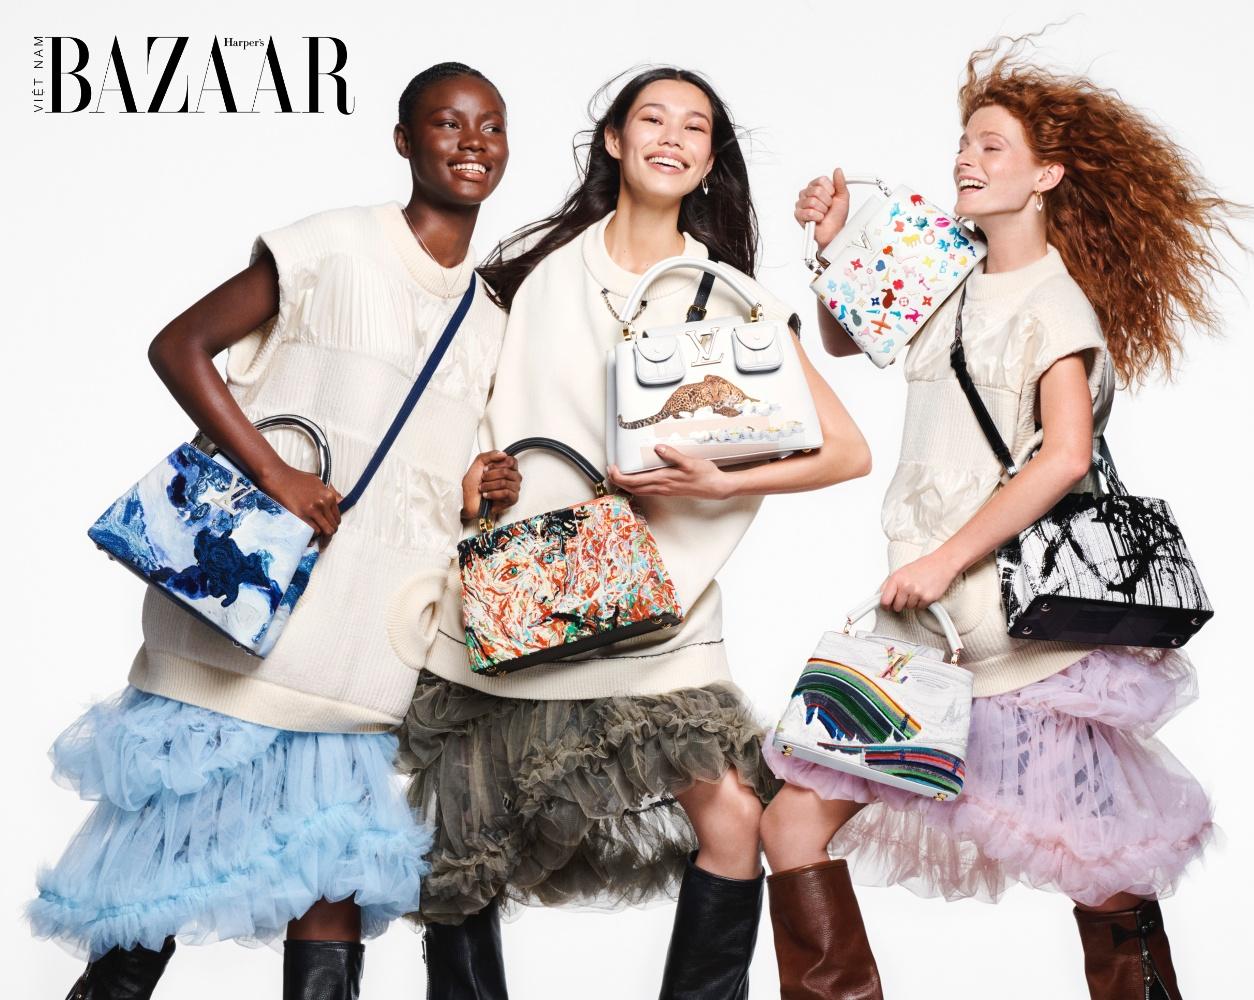 Louis Vuitton ra mắt 6 thiết kế Artycapucines nghệ thuật năm 2021 1